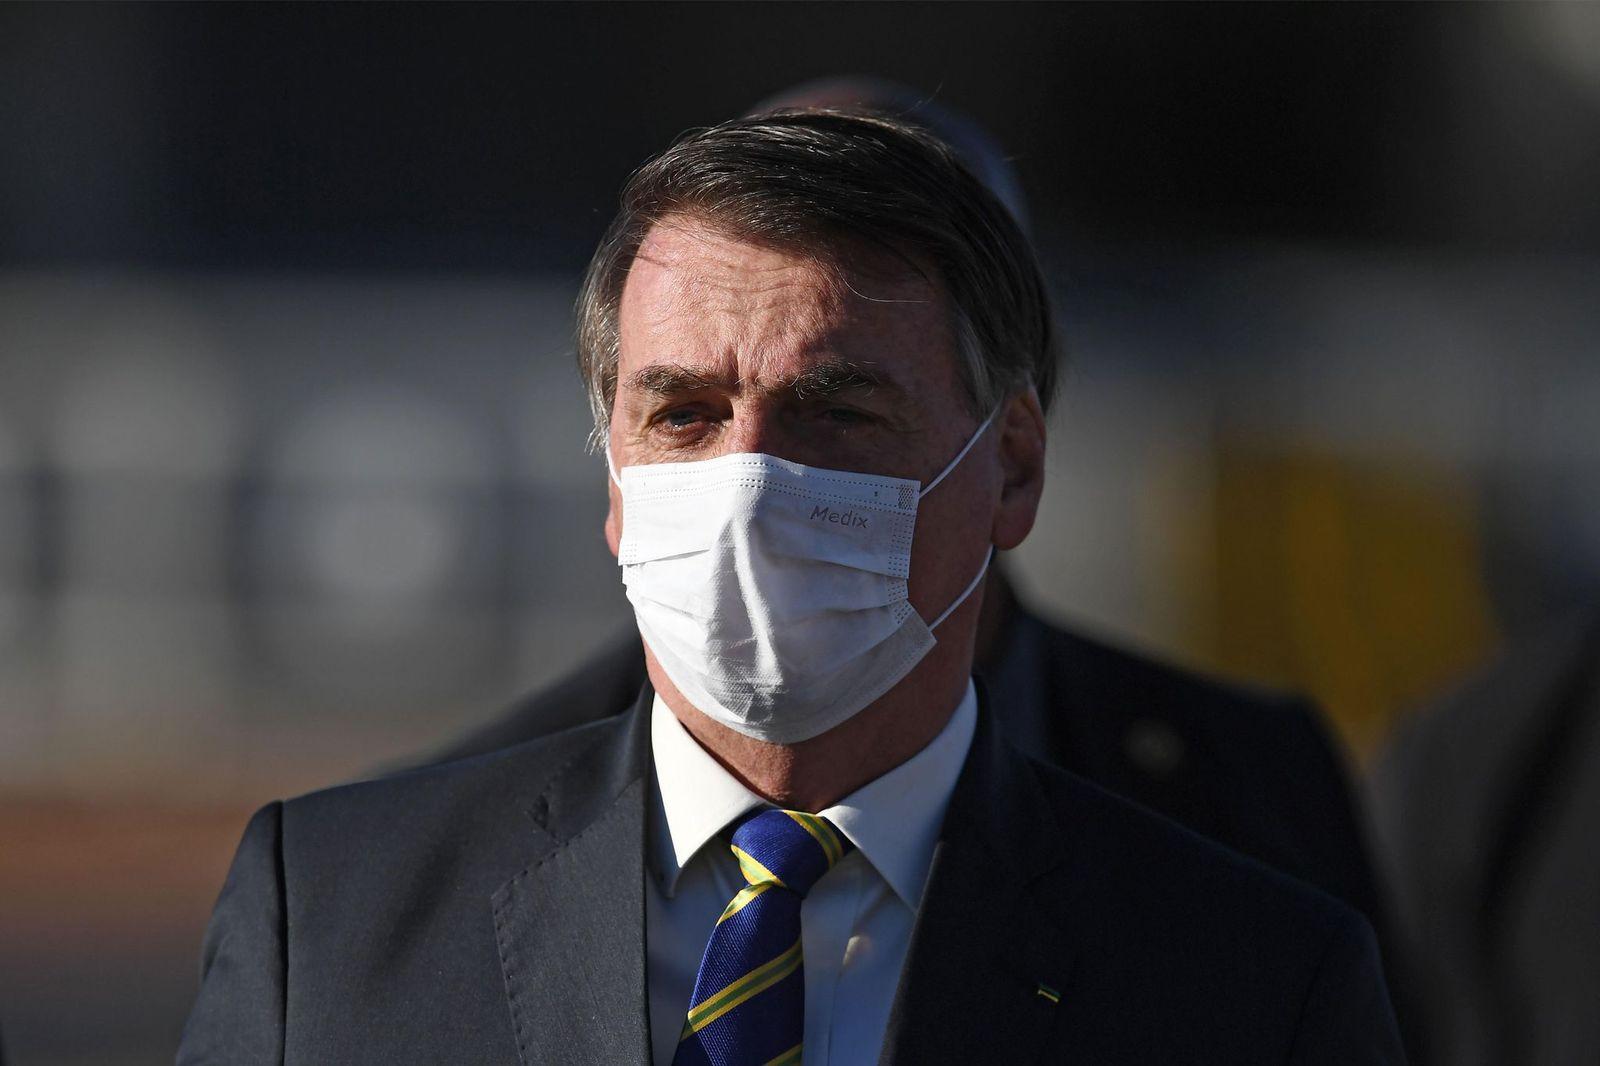 الرئيس البرازيلي جايير بولسونارو يعلن إصابته بفيروس كورونا المستجد